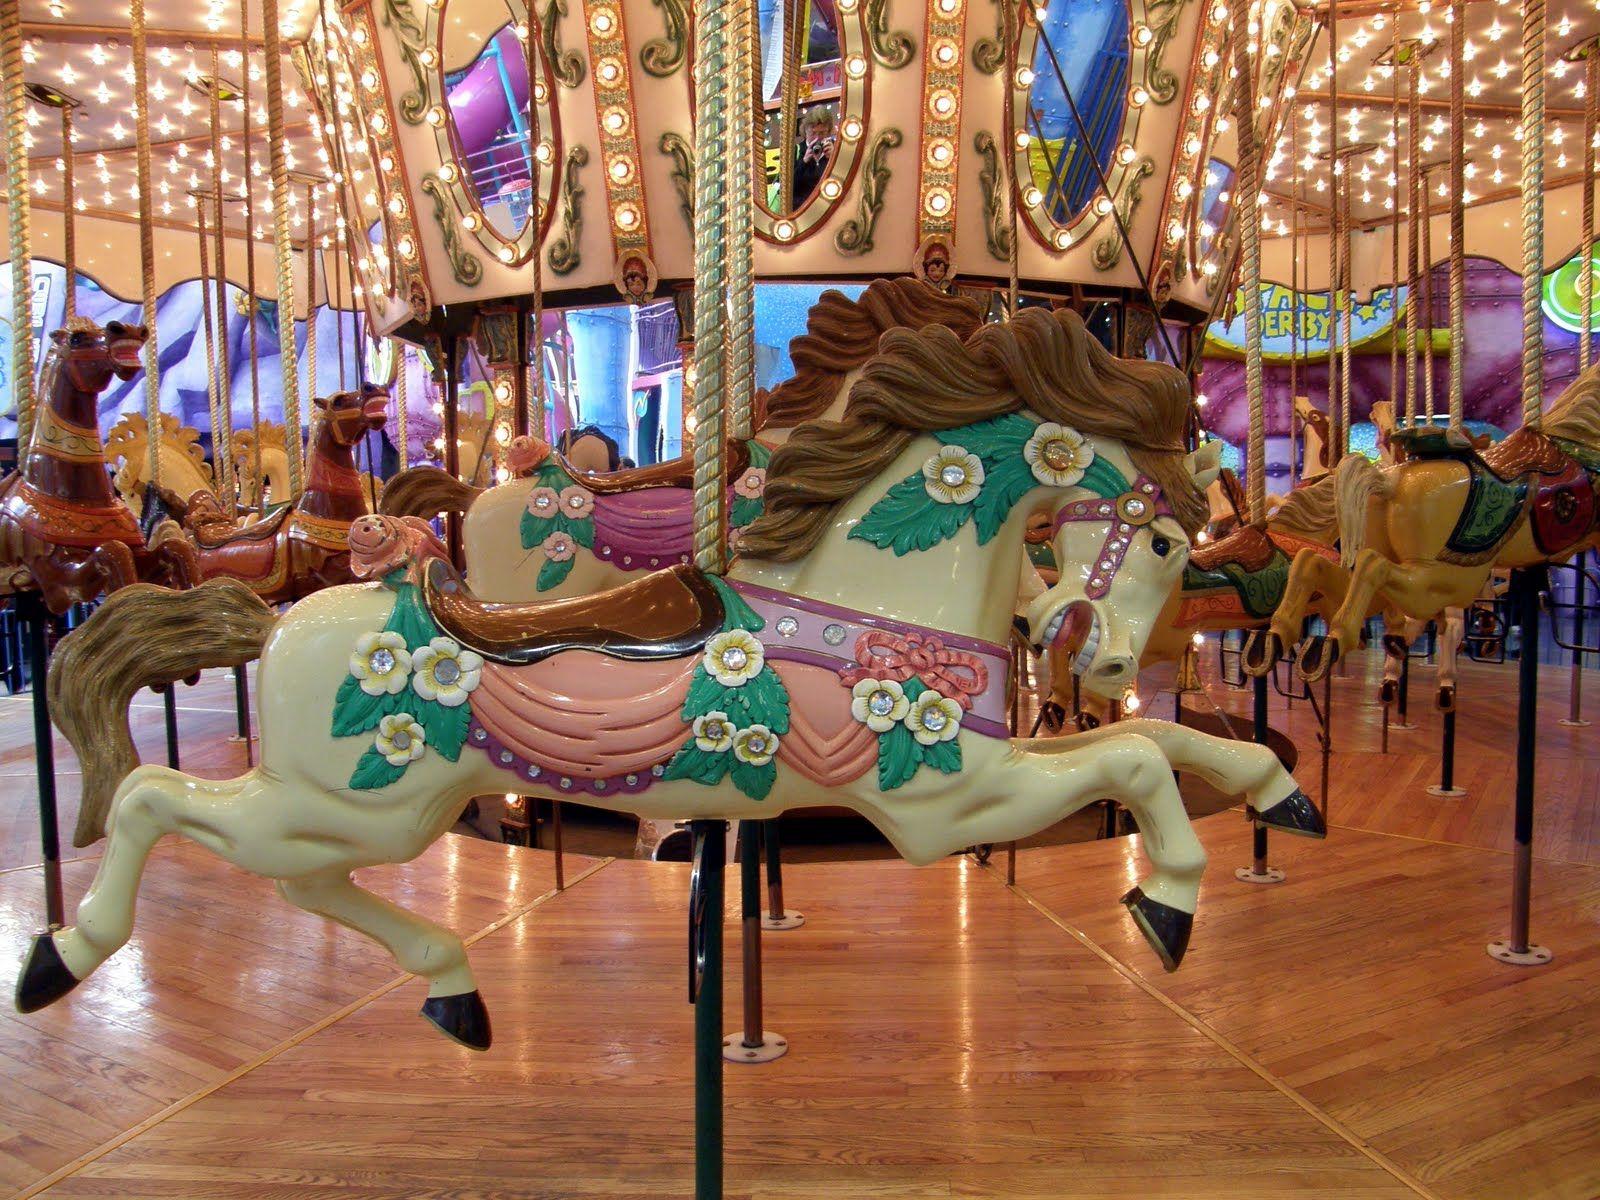 Картинки лошадок для каруселей потому